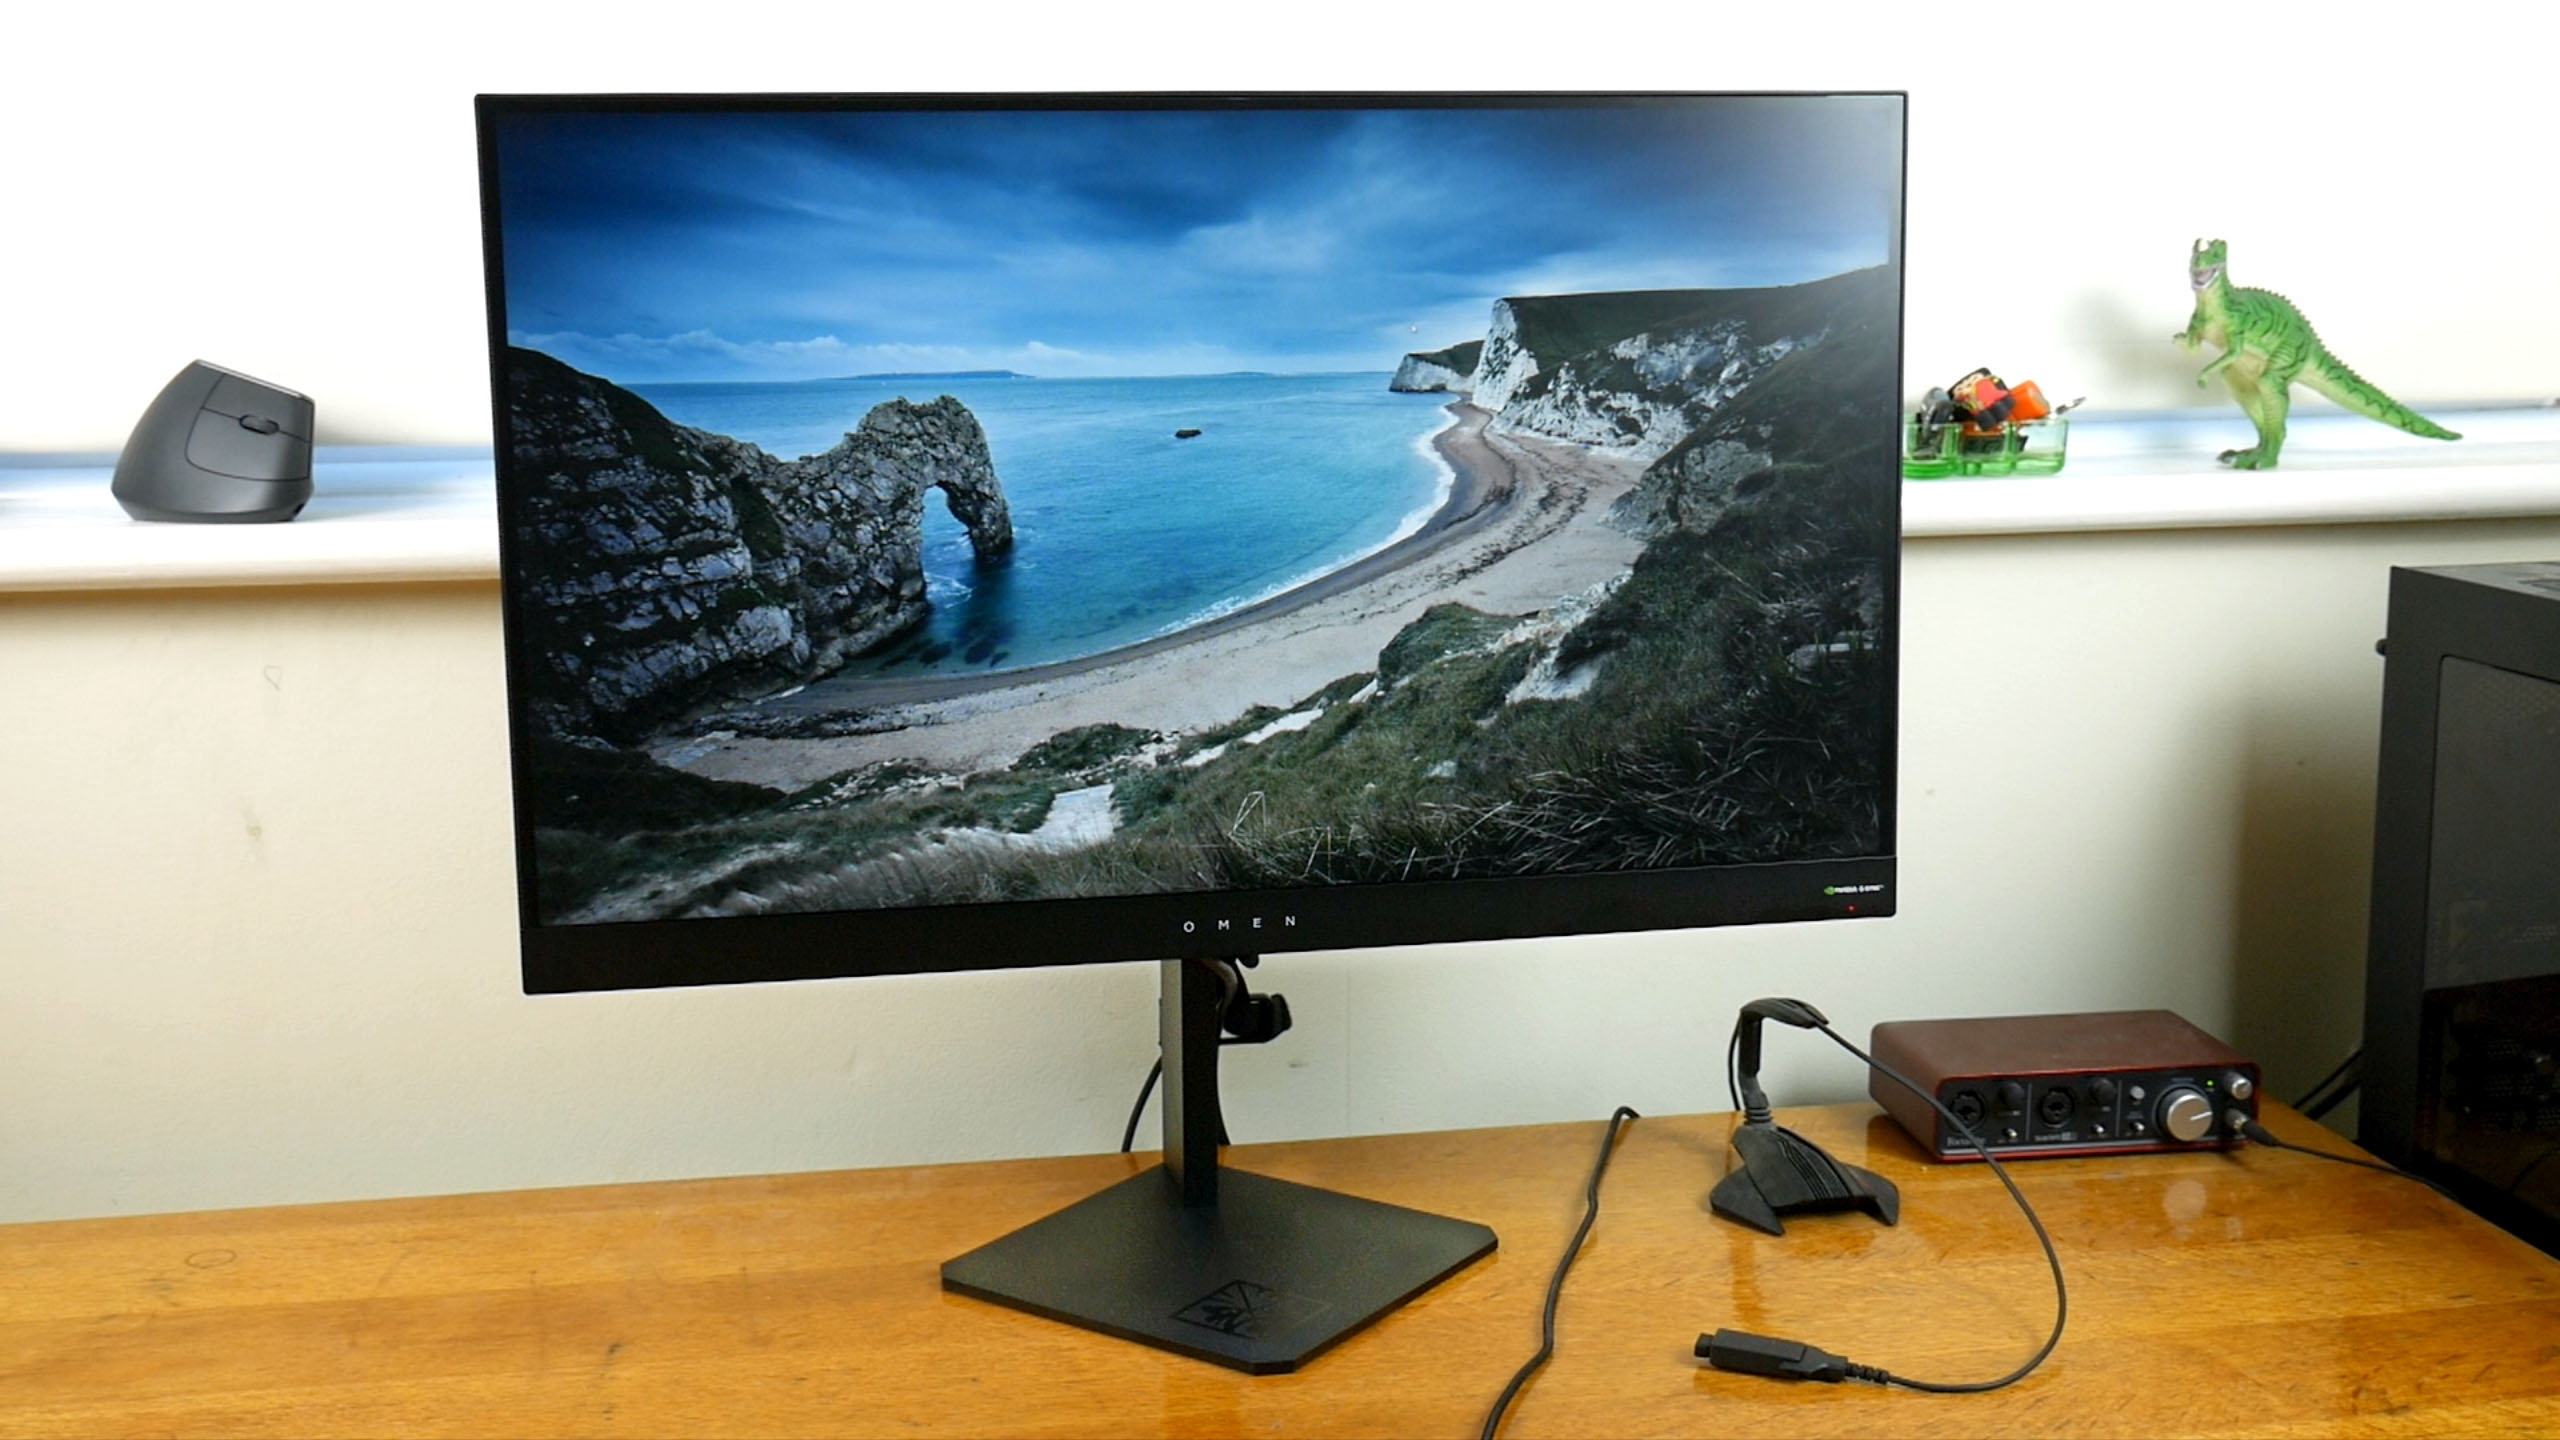 83d52d594 Omen by HP 27 review - TechyTalk